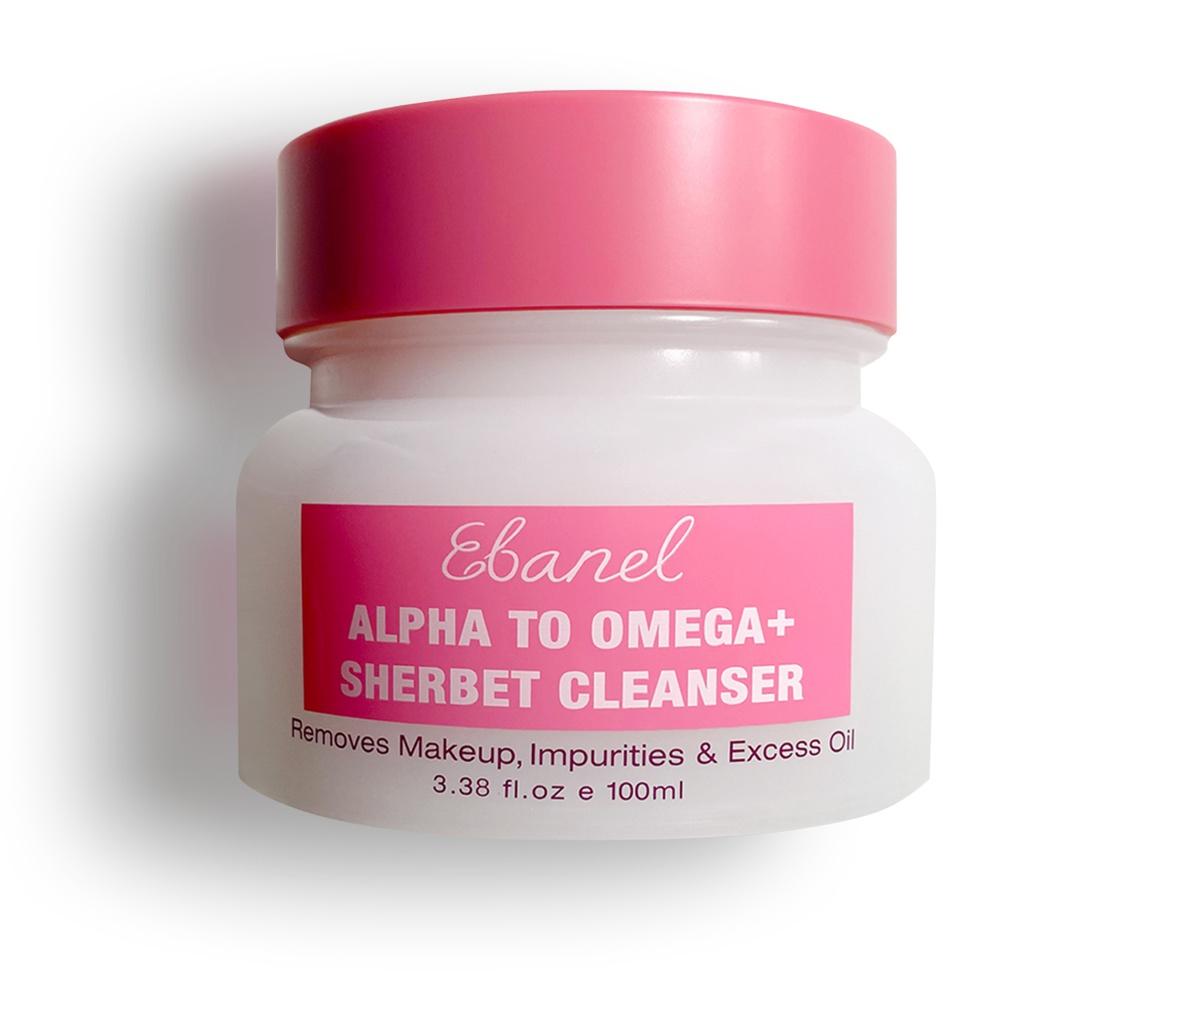 Ebanel Alpha To Omega+ Sherbet Cleanser